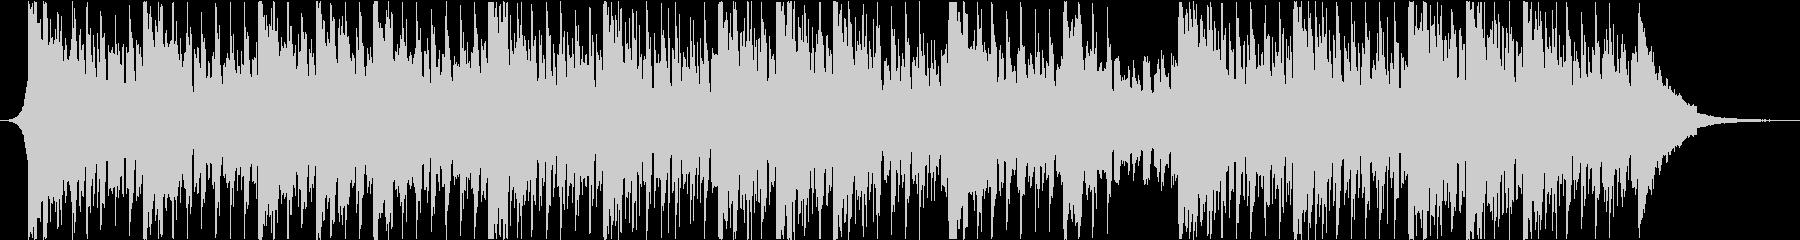 コーポレートテックミニマルポップの未再生の波形